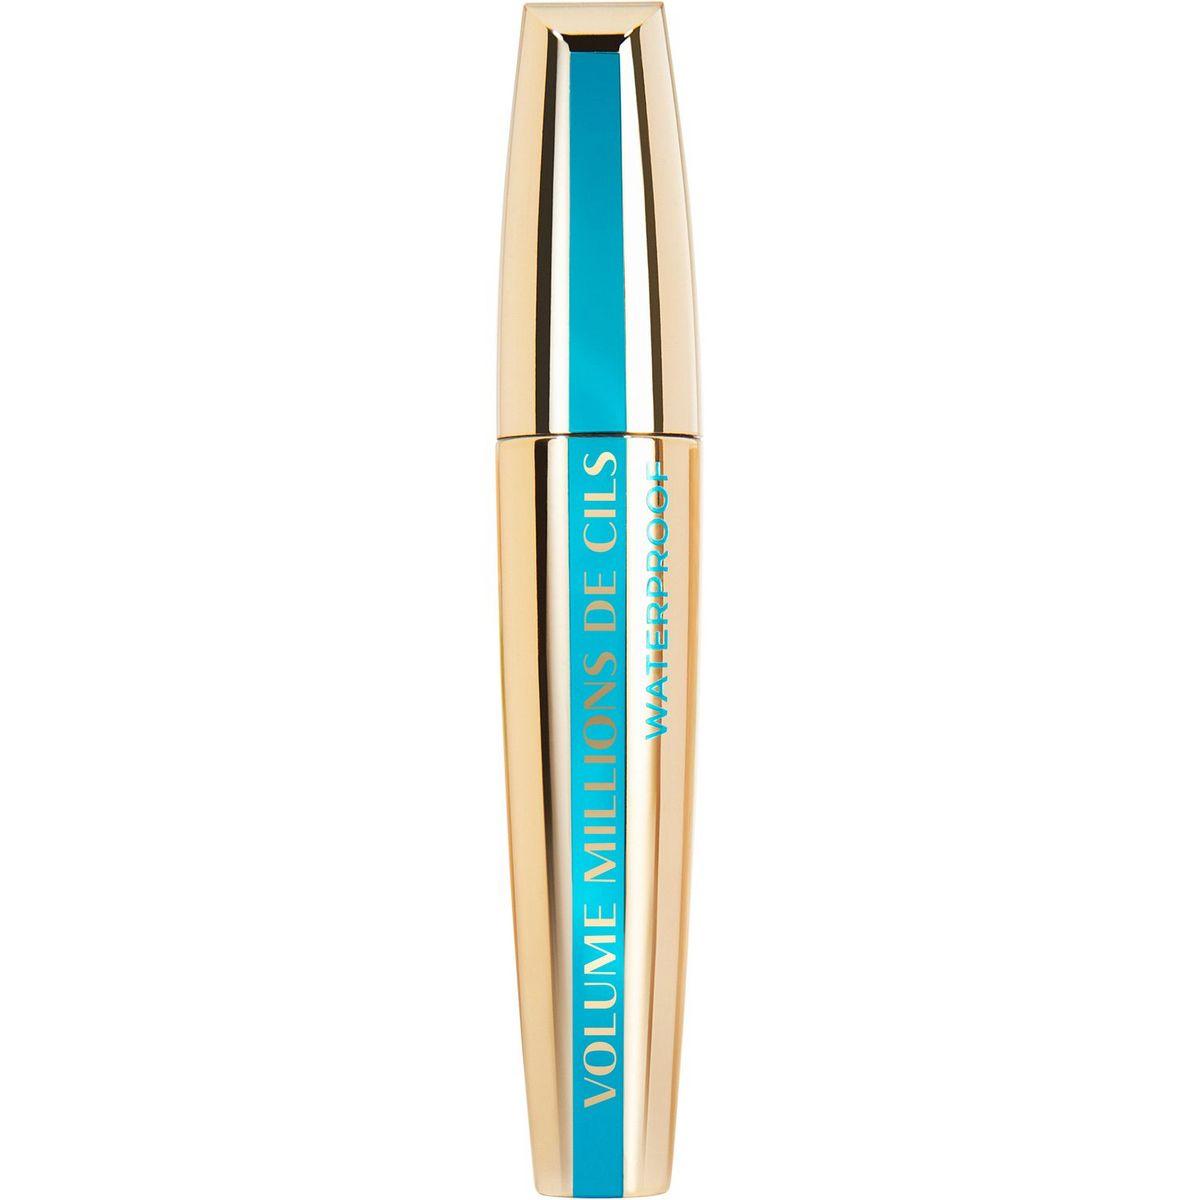 L'Oréal Mascara volume millions de cils waterproof noir x1